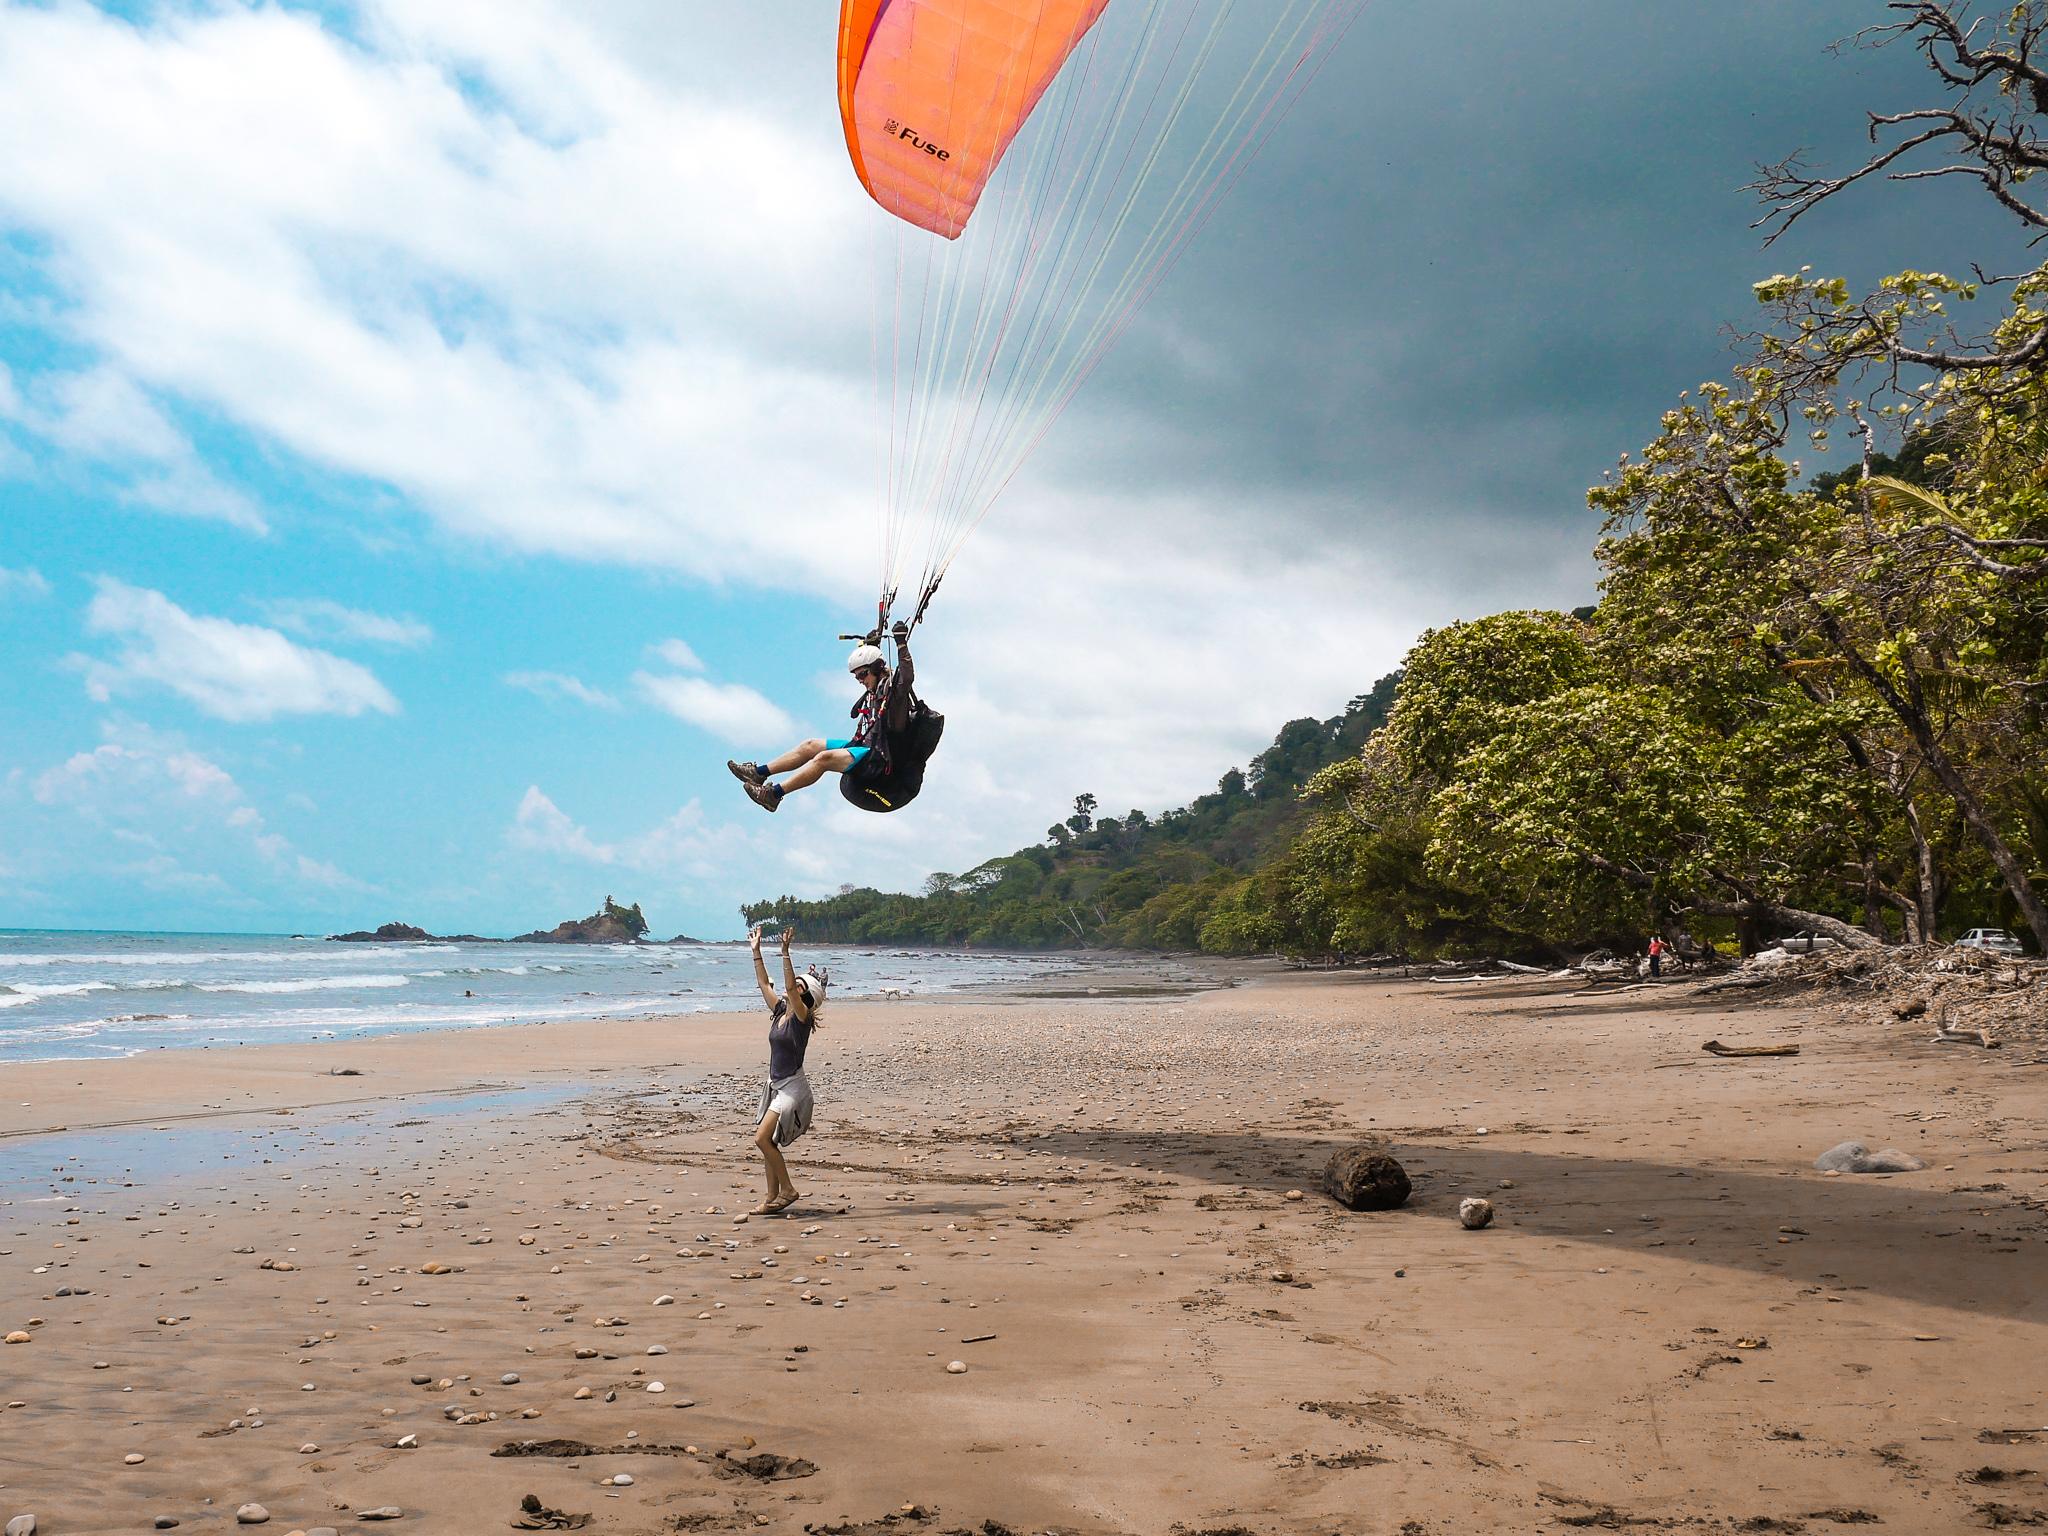 tandem-paraglide-dominical.jpg